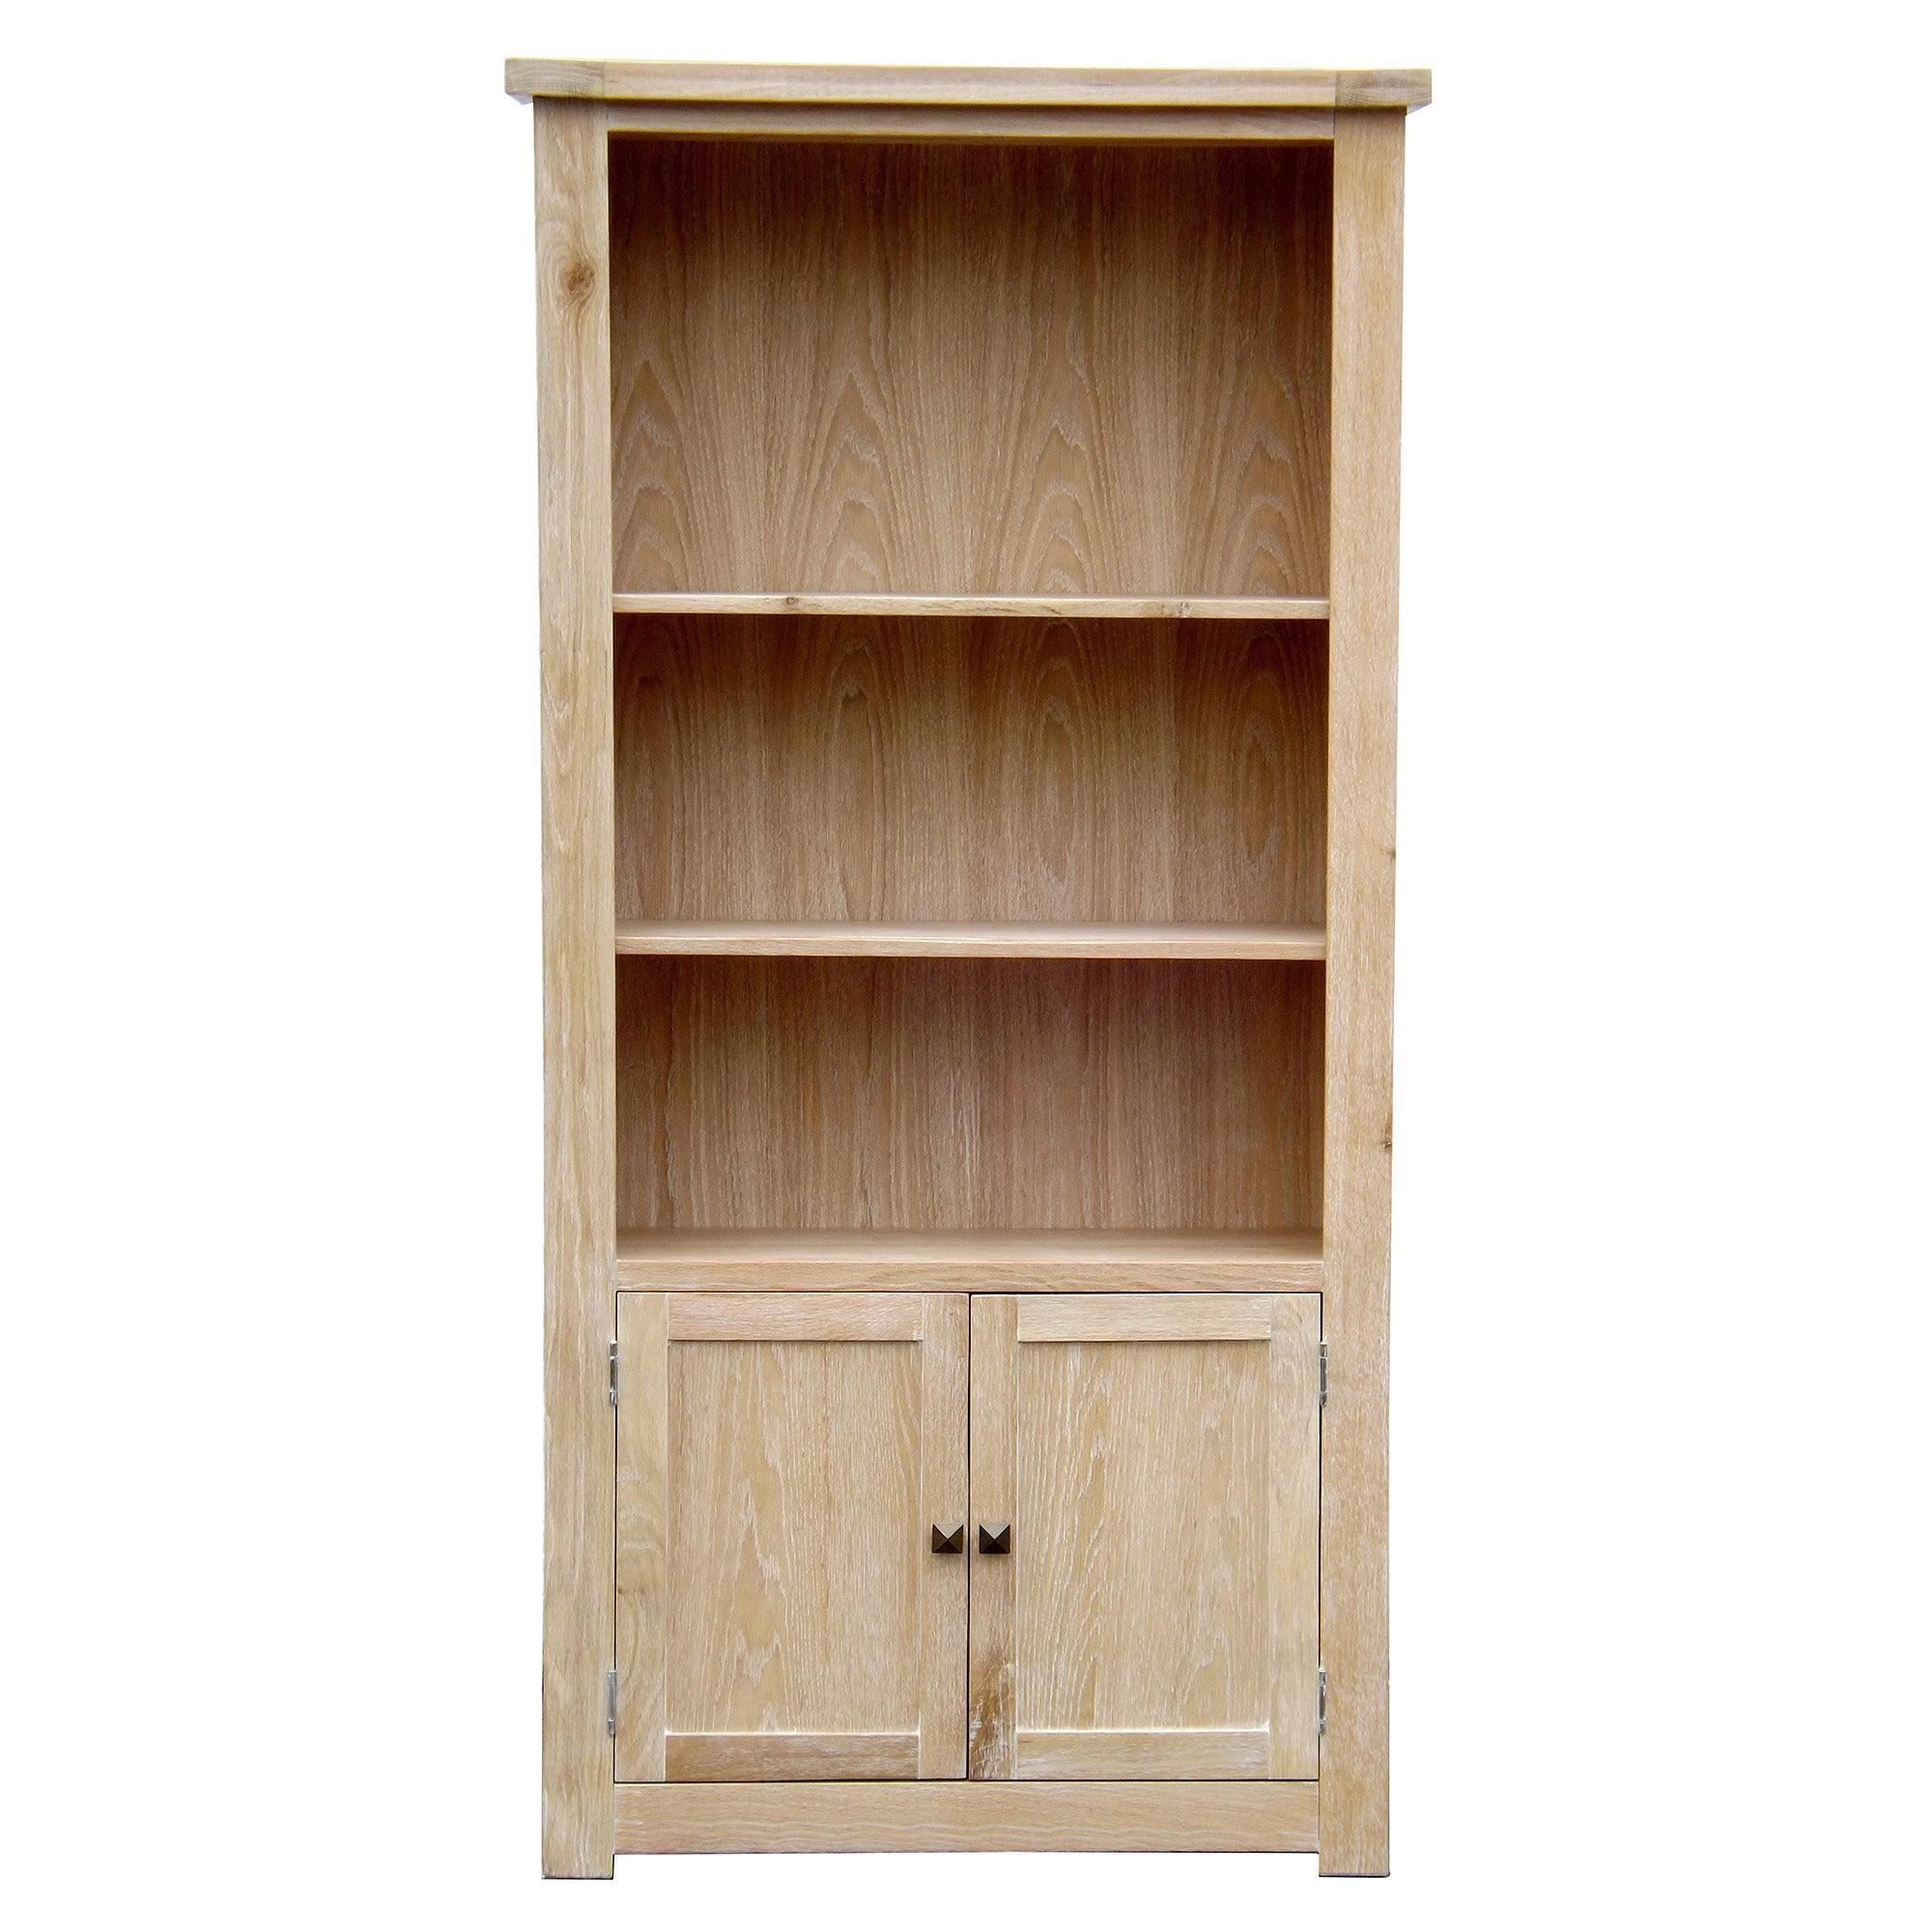 Henley Washed Oak Large Bookcase